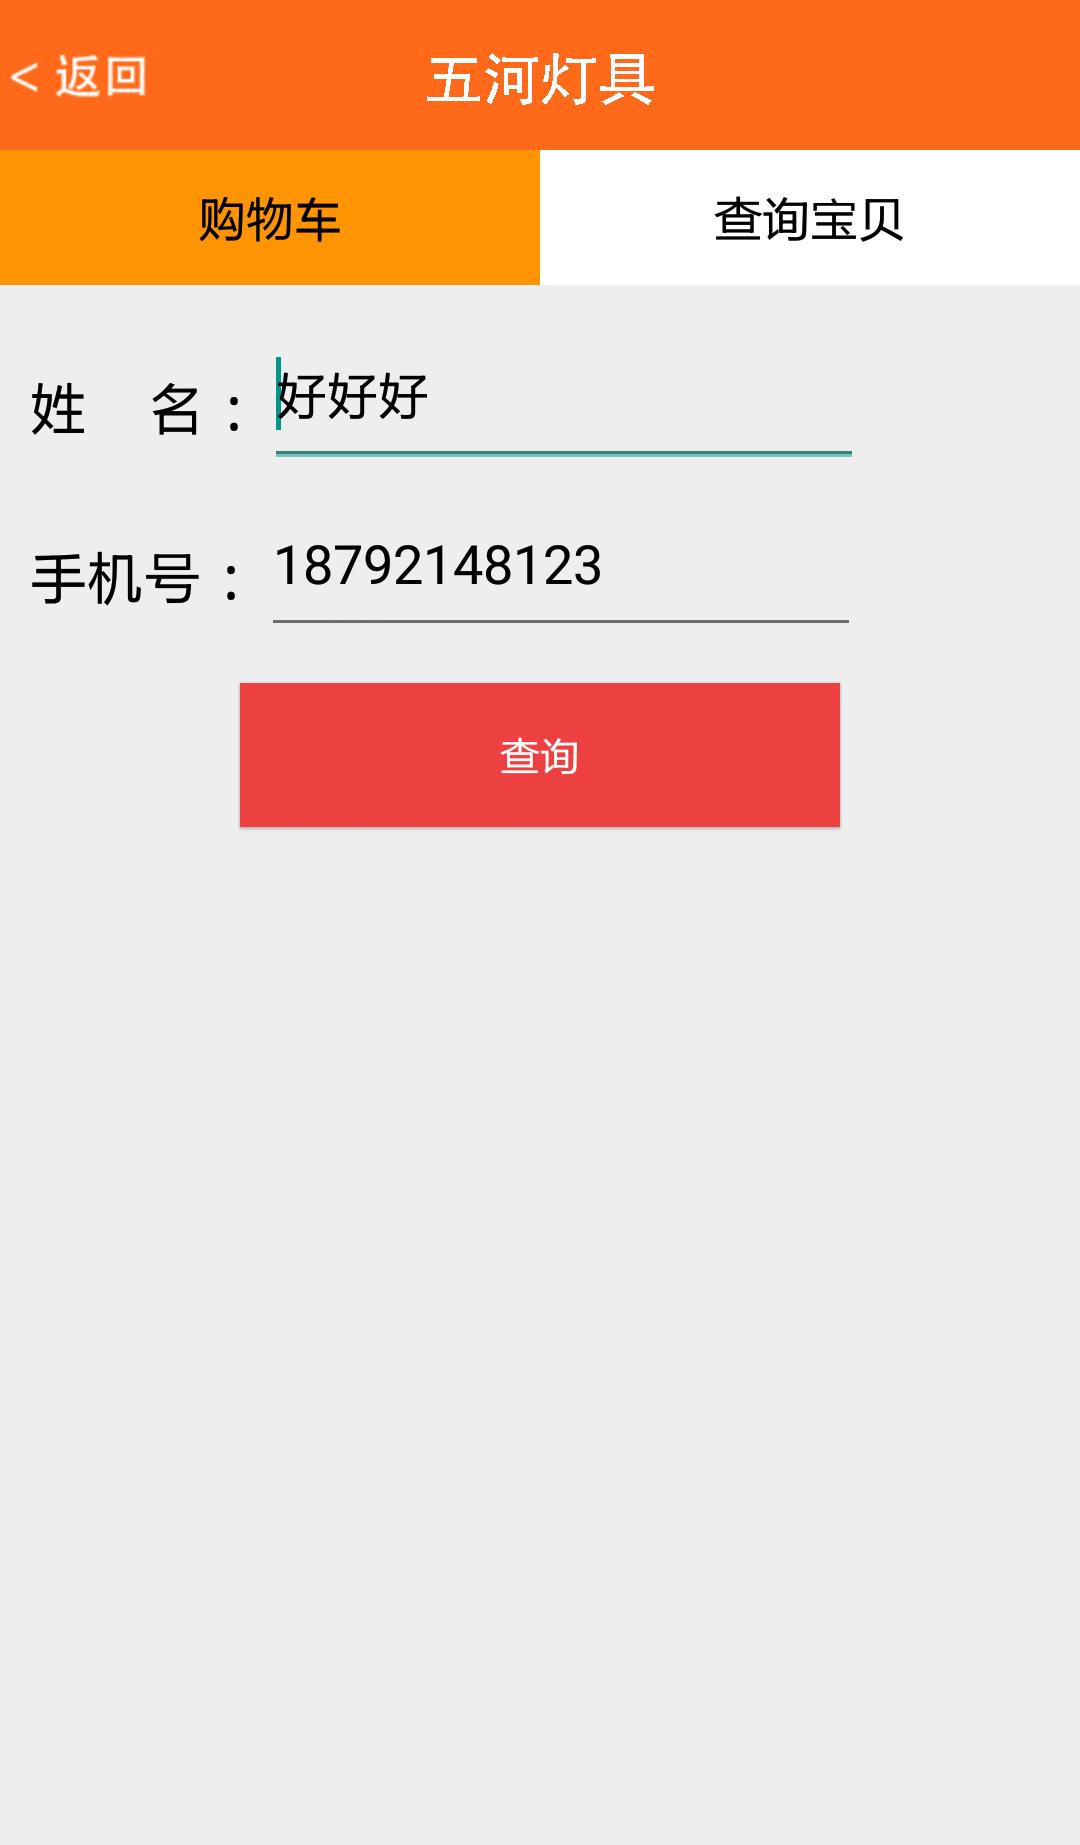 五河灯具 v1.0  安卓版界面图1